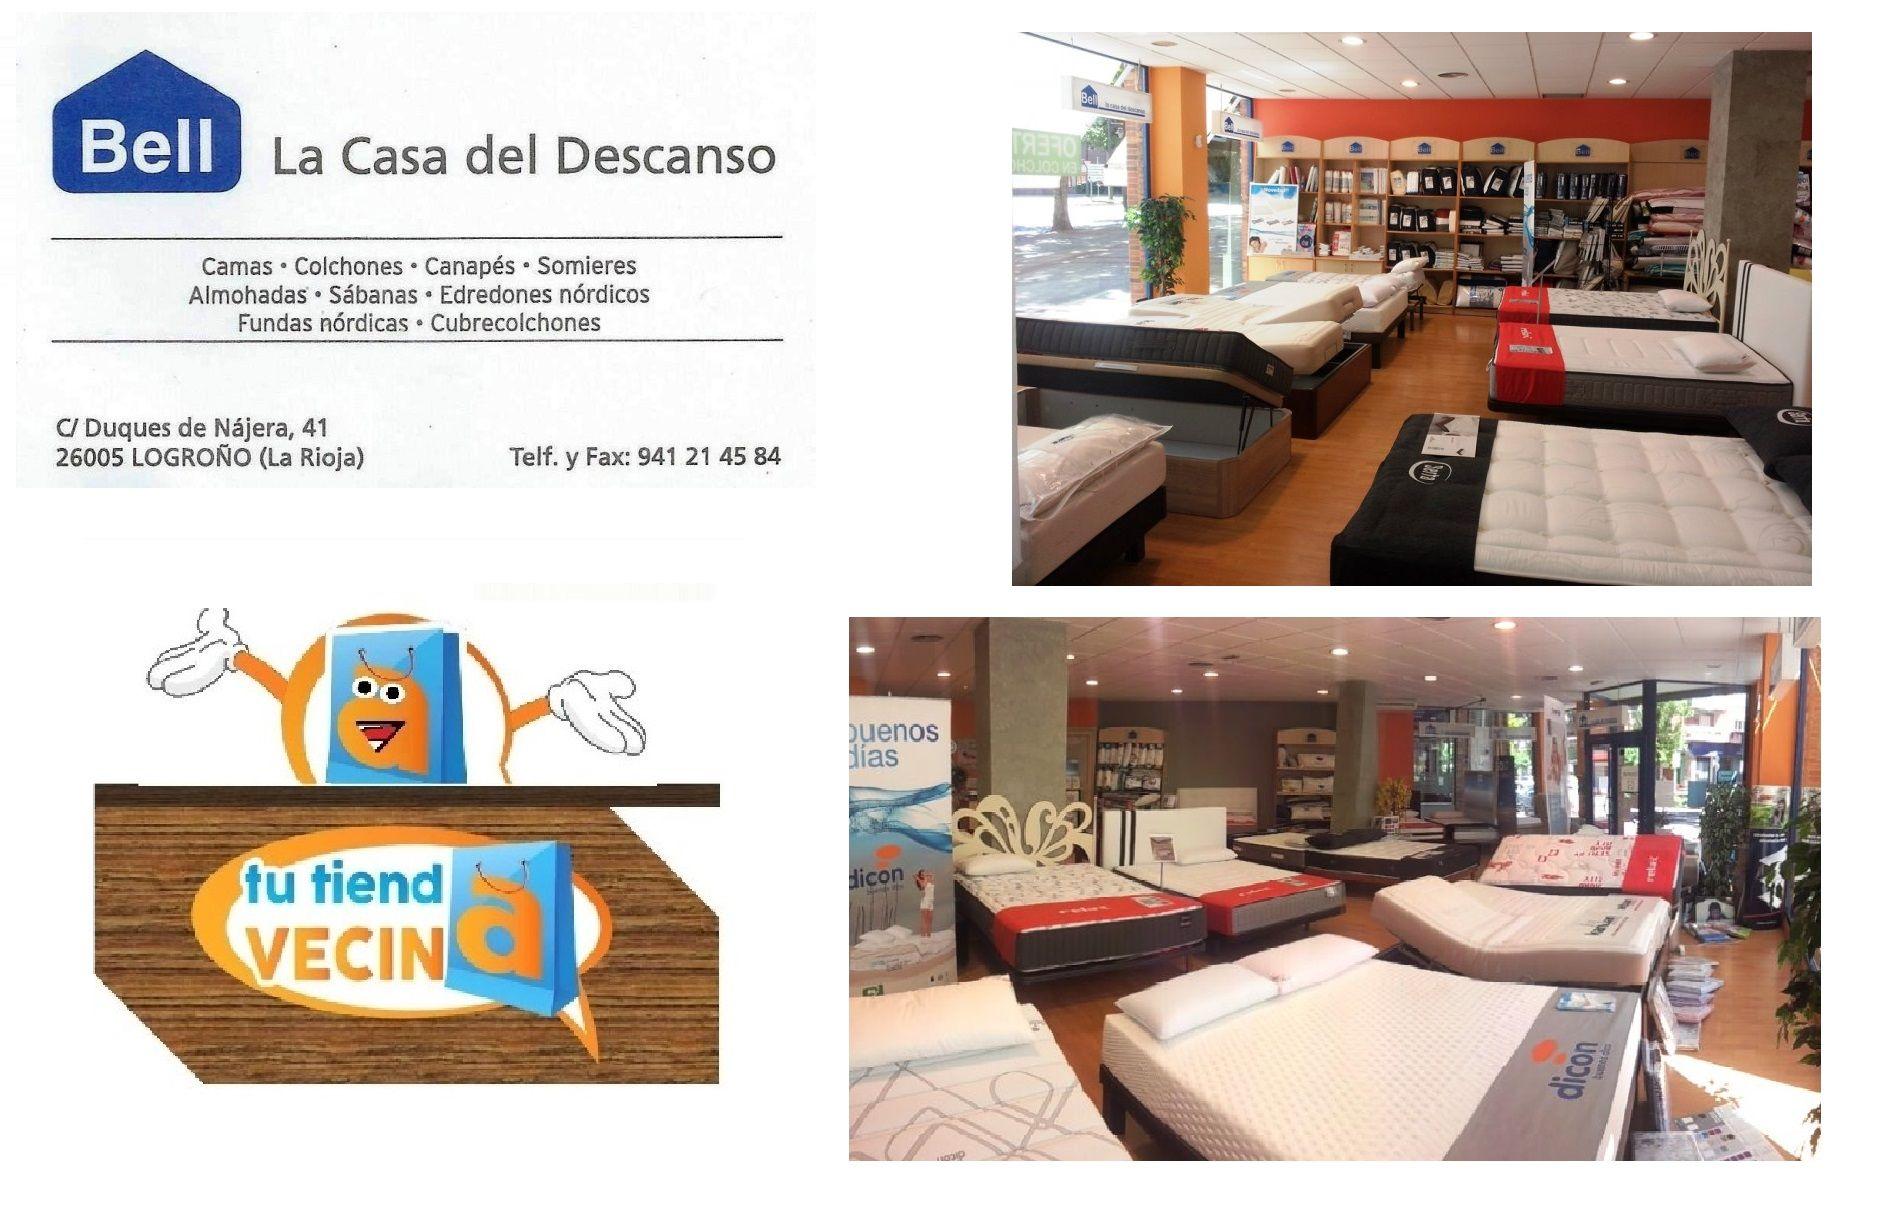 8248a3ec8d Bell especialistas en la venta de colchones en Logroño En Bell colchonería  encontrarás los mejores especialistas